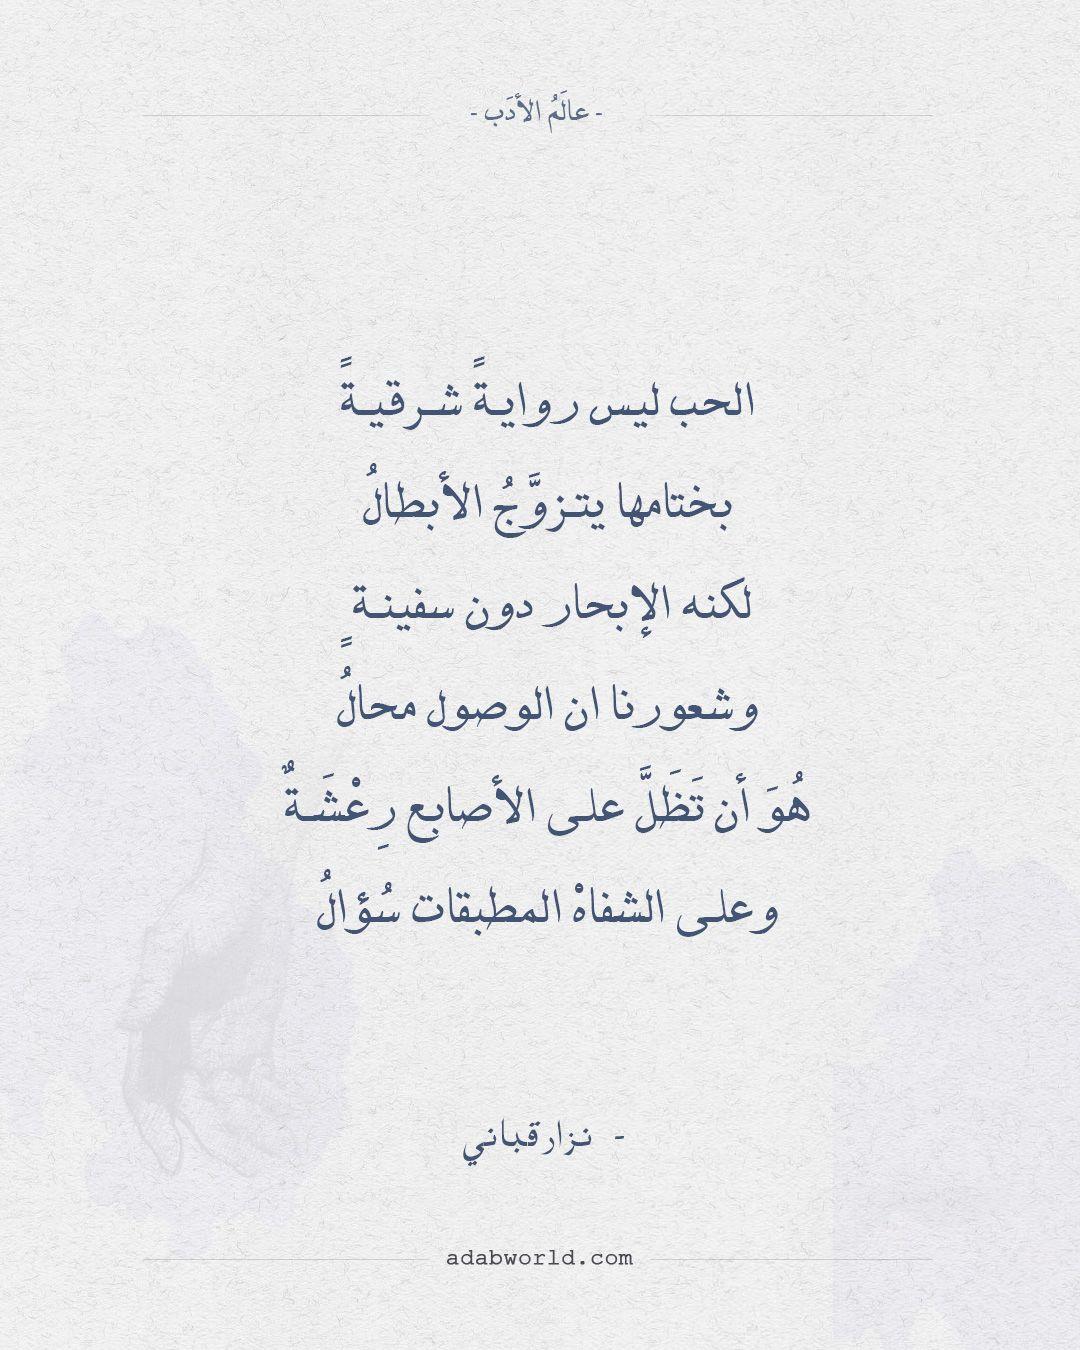 شعر نزار قباني الحب ليس رواية شرقية عالم الأدب Words Quotes Quotations Bts Quotes